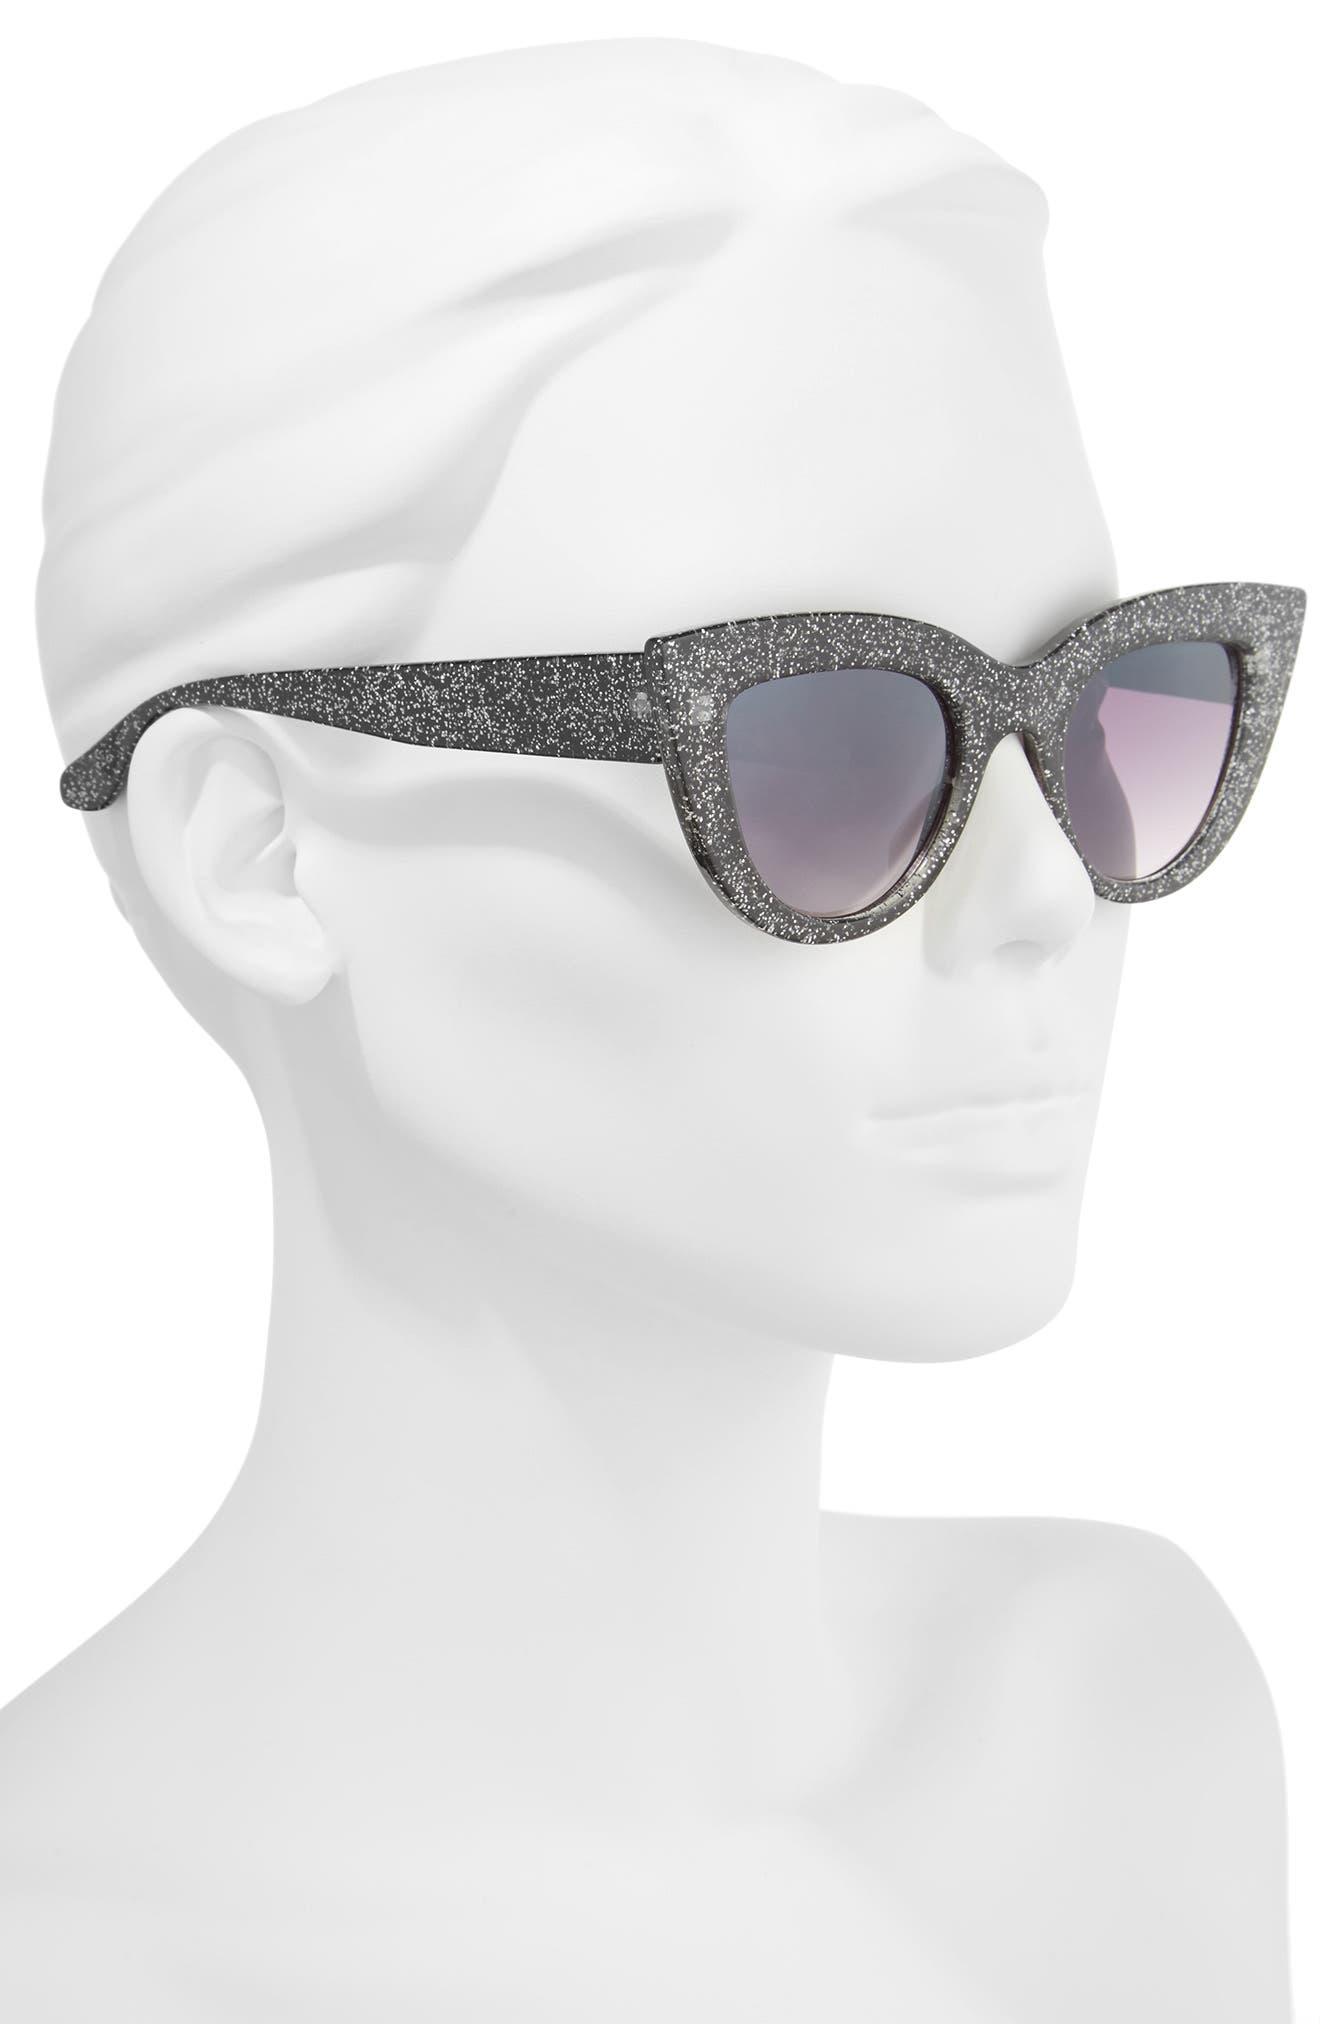 45mm Glitter Cat Eye Sunglasses,                             Alternate thumbnail 2, color,                             Black/ Silver